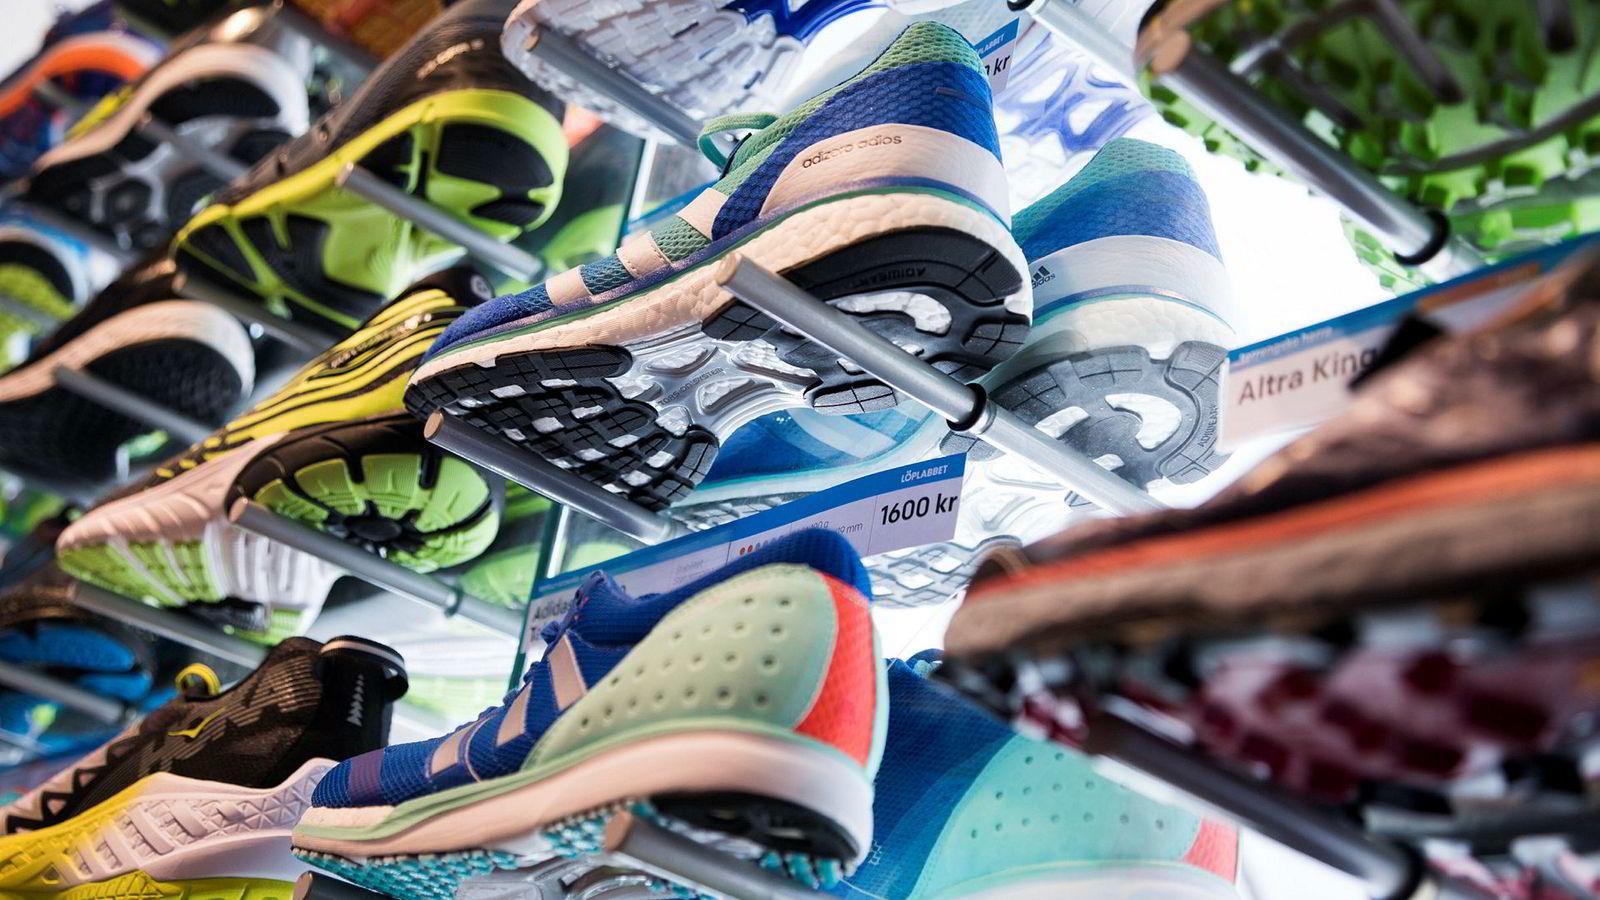 7cfb9a41211 Det er mye konkurranse på klær og sko i sportskategoriene. Det er noe av